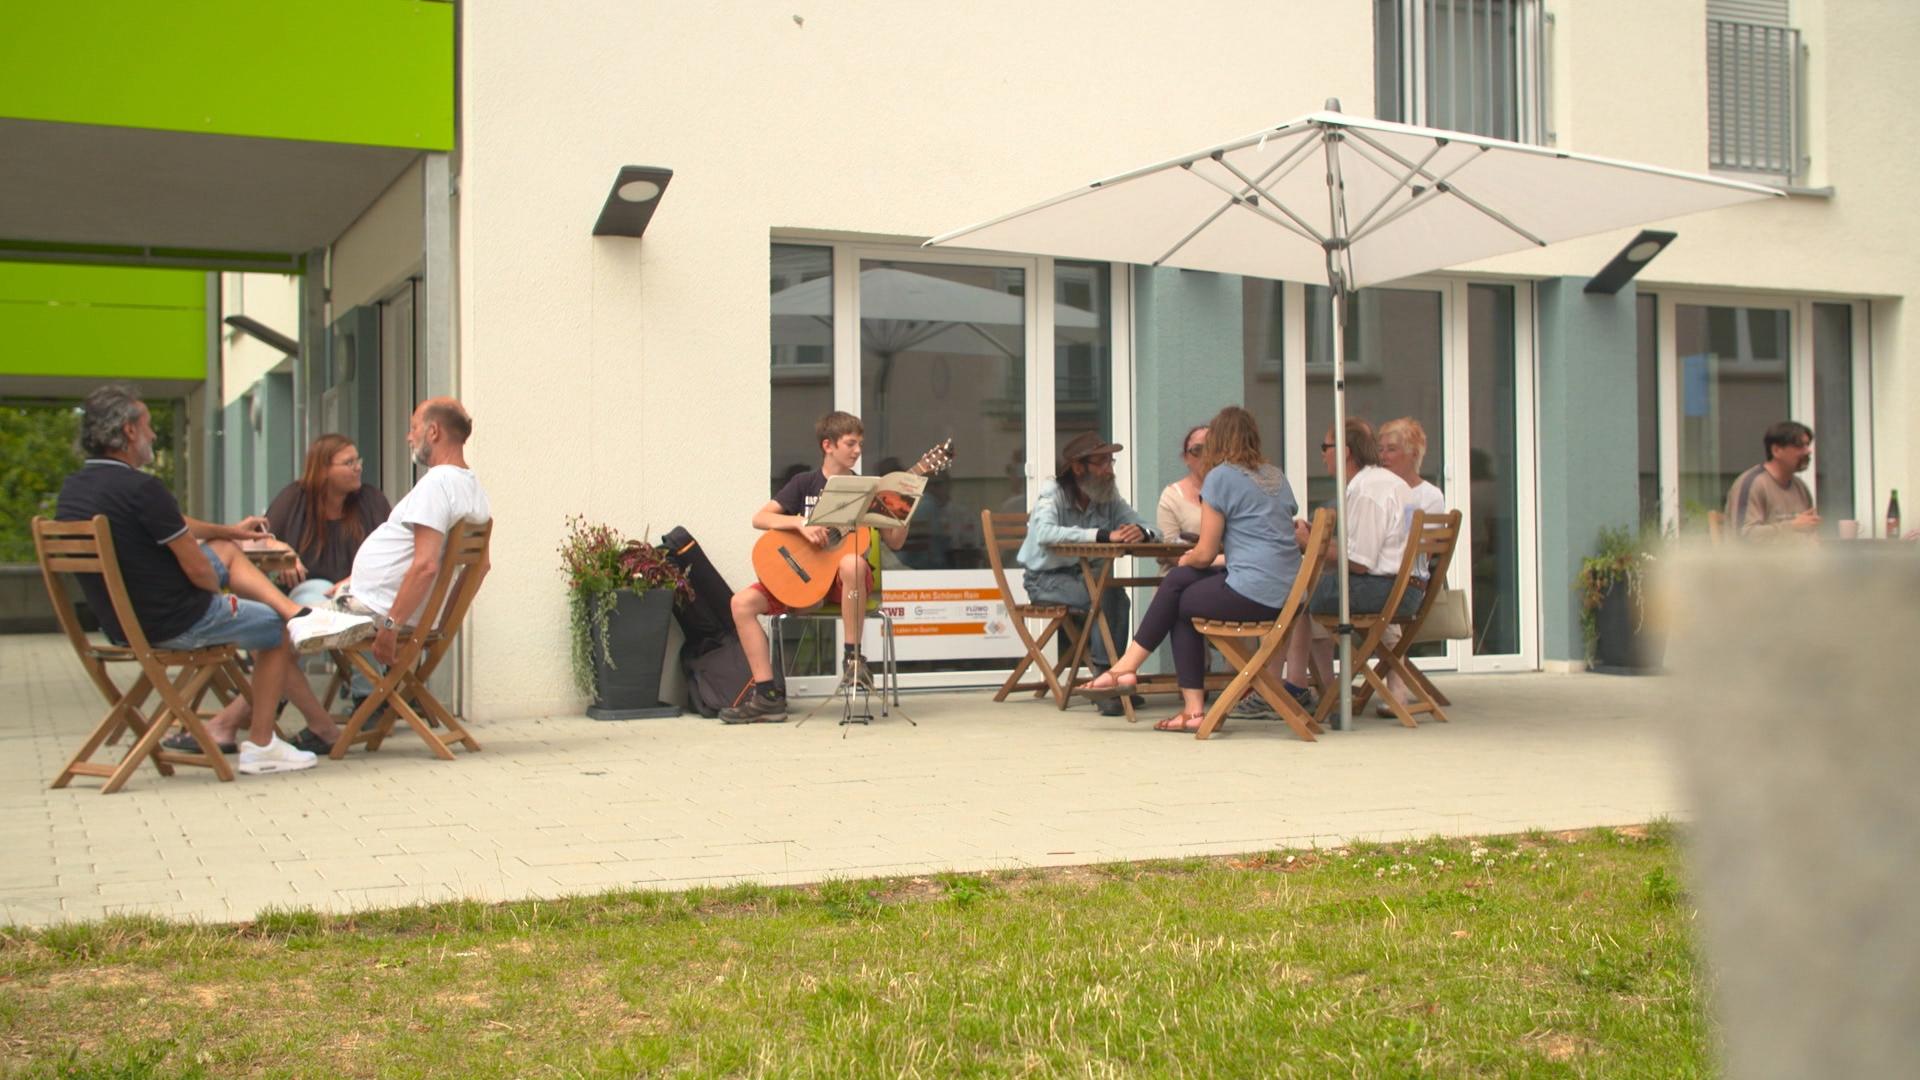 """Im Esslinger Wohncafé """"Am Schönen Rain"""" werden zwei Wohnungen im Erdgeschoss als Wohncafé genutzt."""